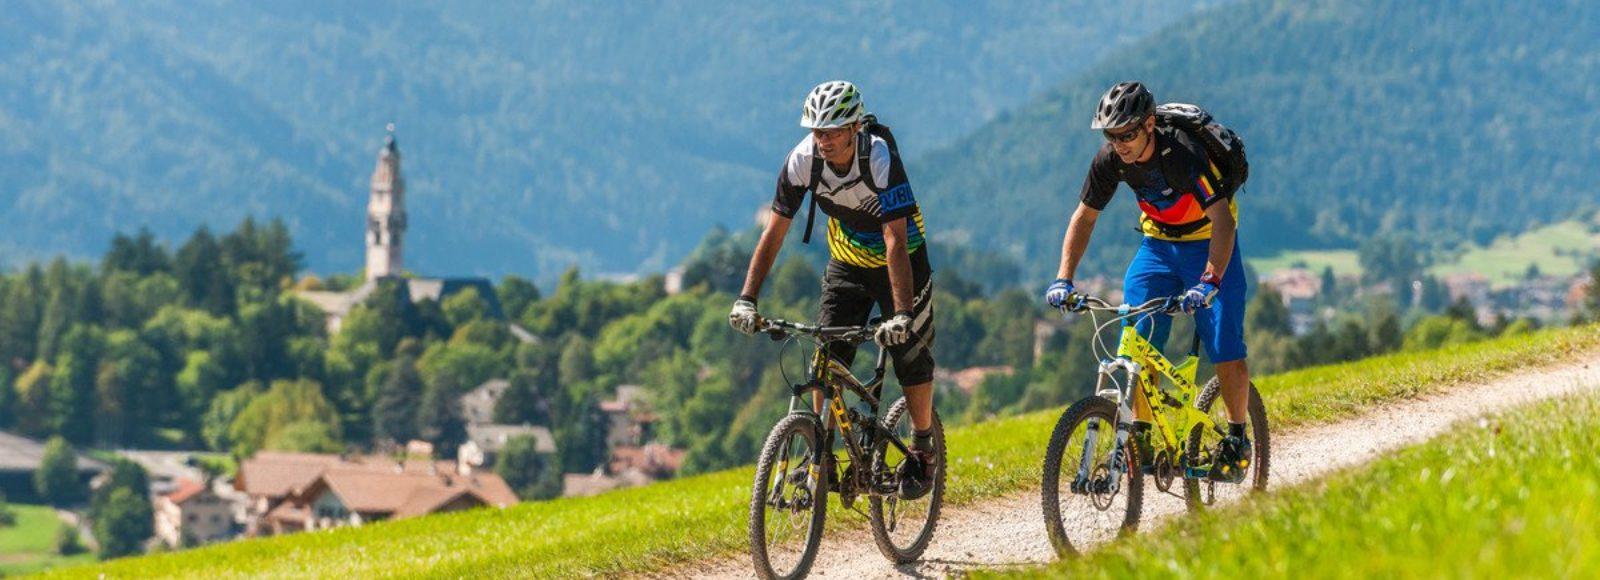 vacanza attiva in bici